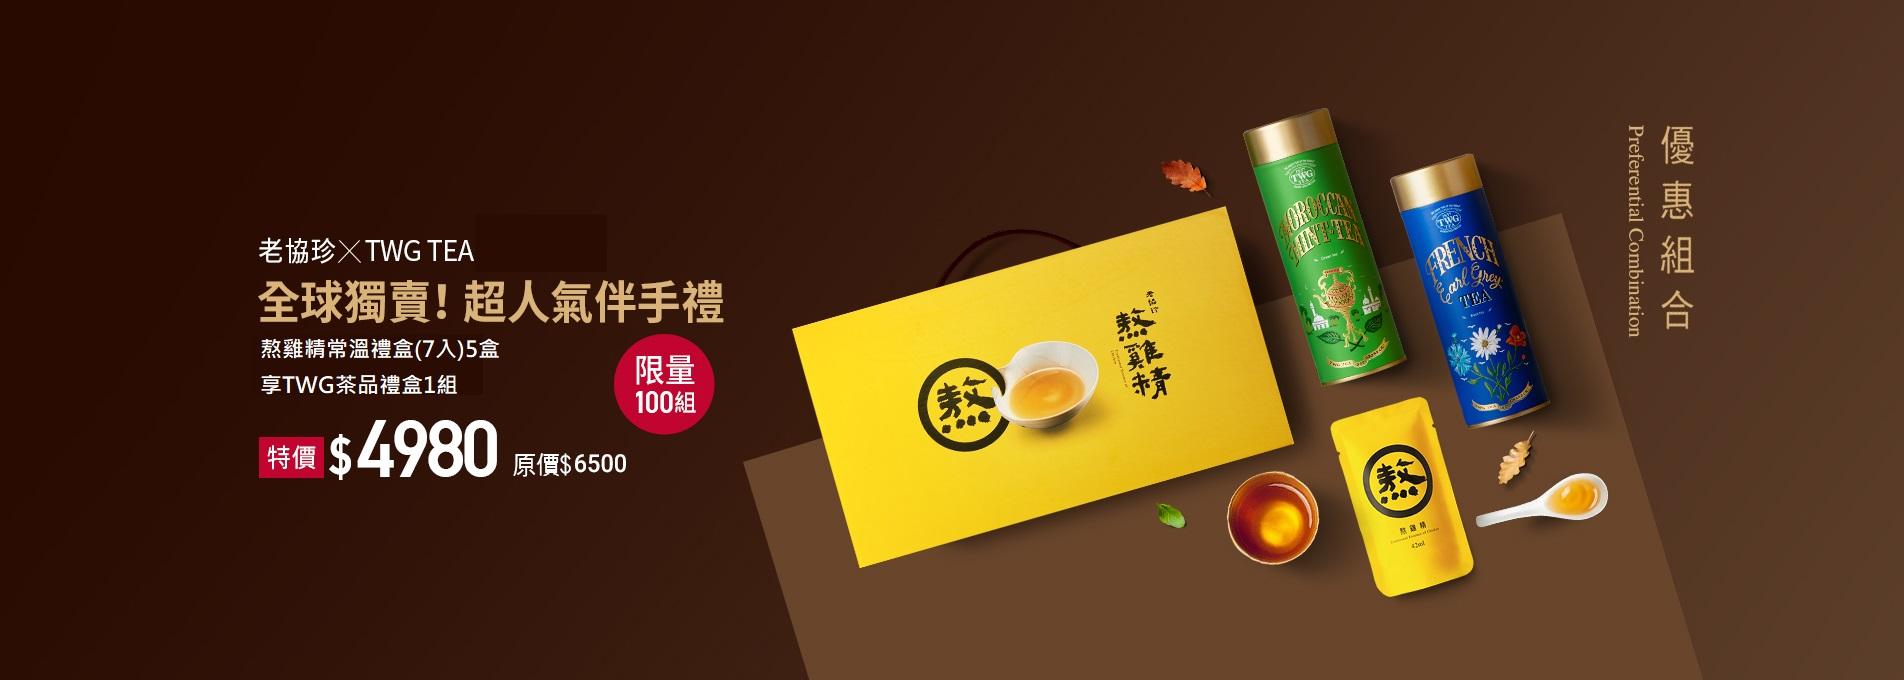 熬雞精常溫禮盒(7入)5盒享TWG茶品禮盒1組  中秋限量組